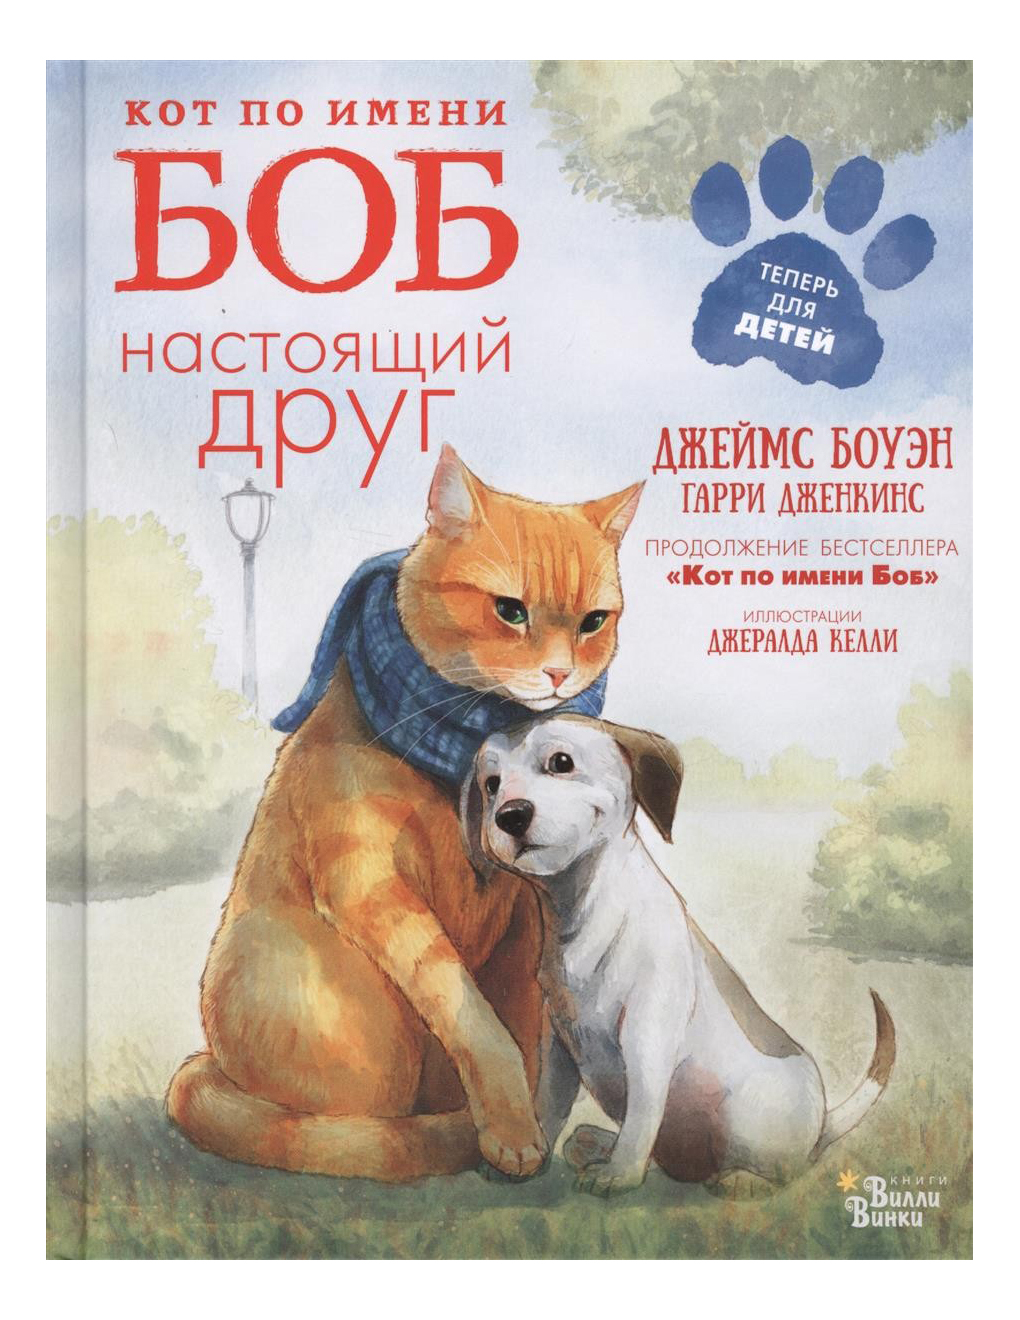 Купить Кот по имени Боб - настоящий друг, АСТ, Детская художественная литература